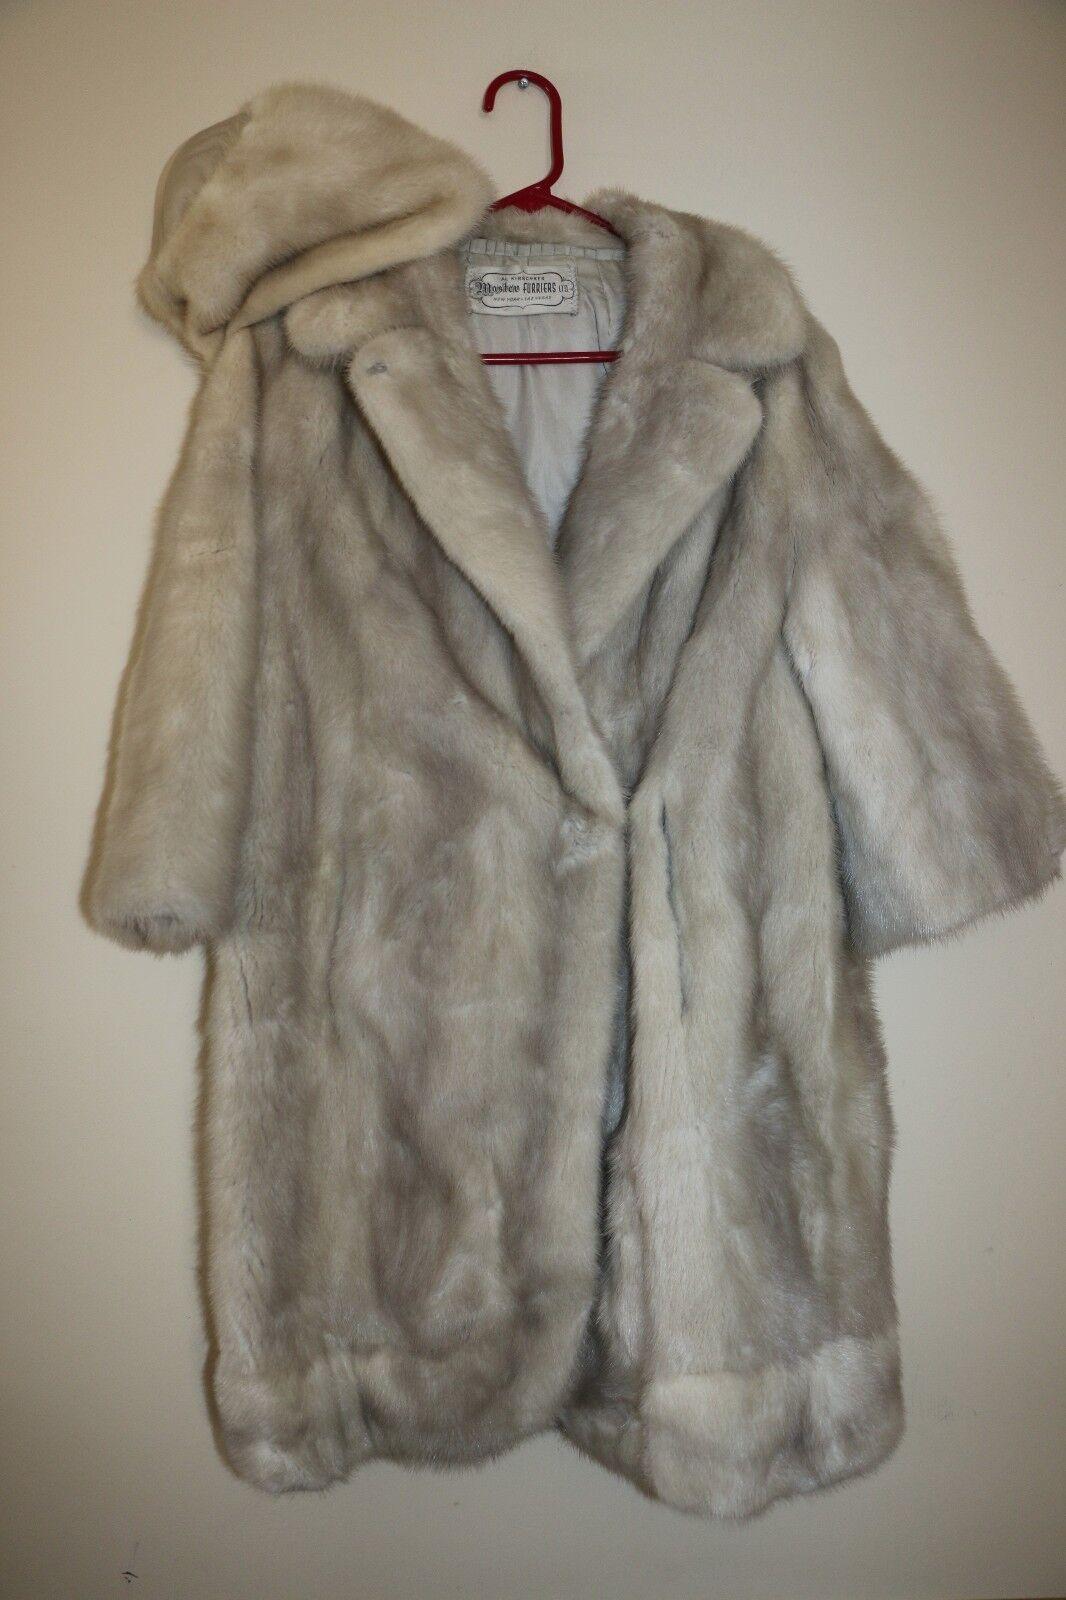 Para Mujer  al Kirschner Master furriers Ltd.. del Faux Fur Abrigo Con Sombrero  punto de venta